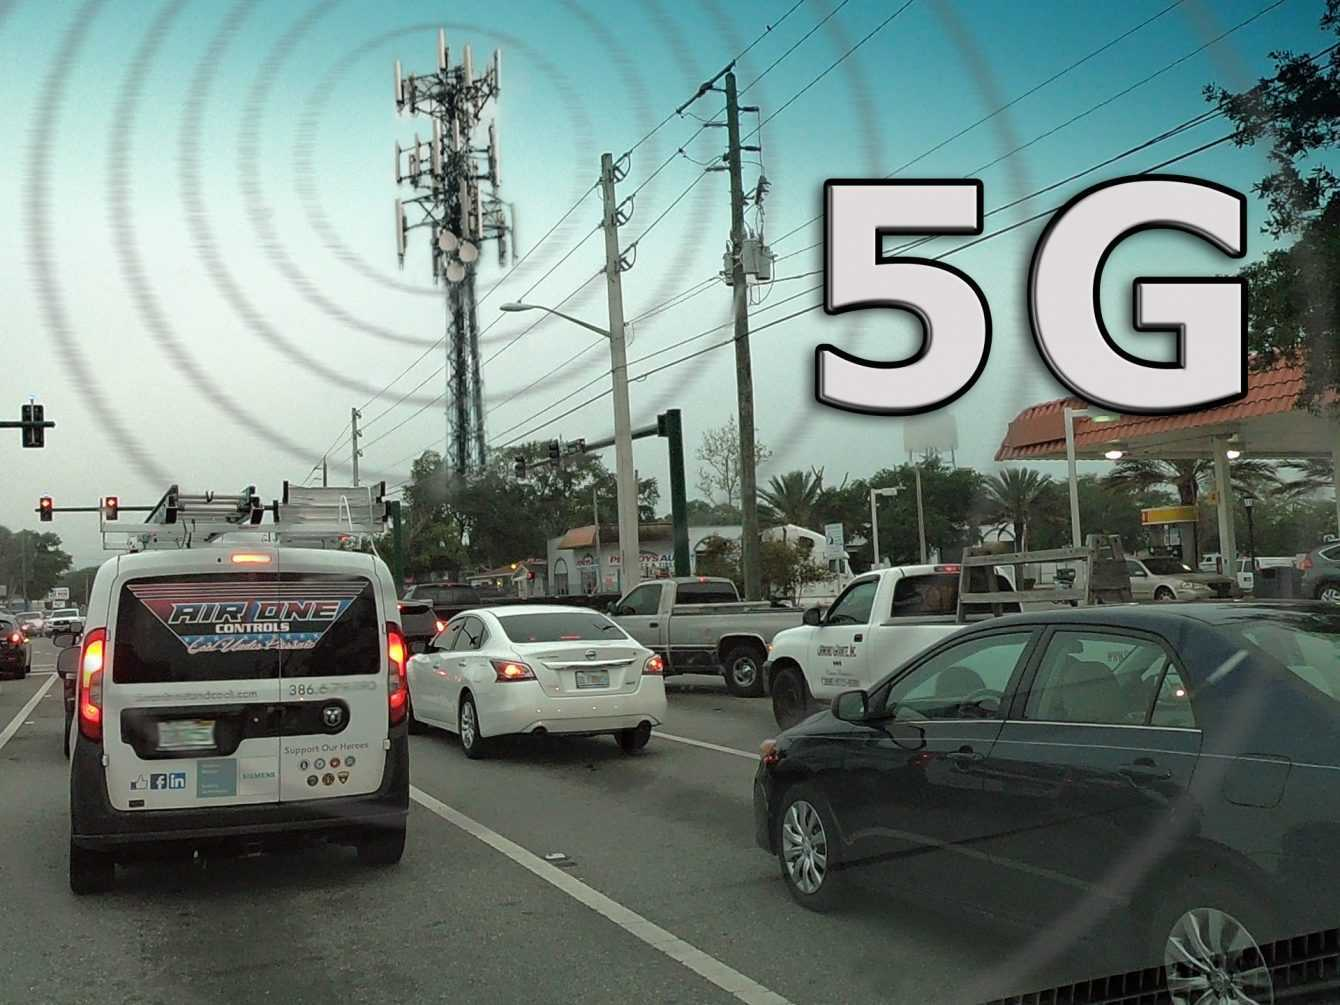 Pericoli della 5G: le paure sono fondate? Un dubbio esteso